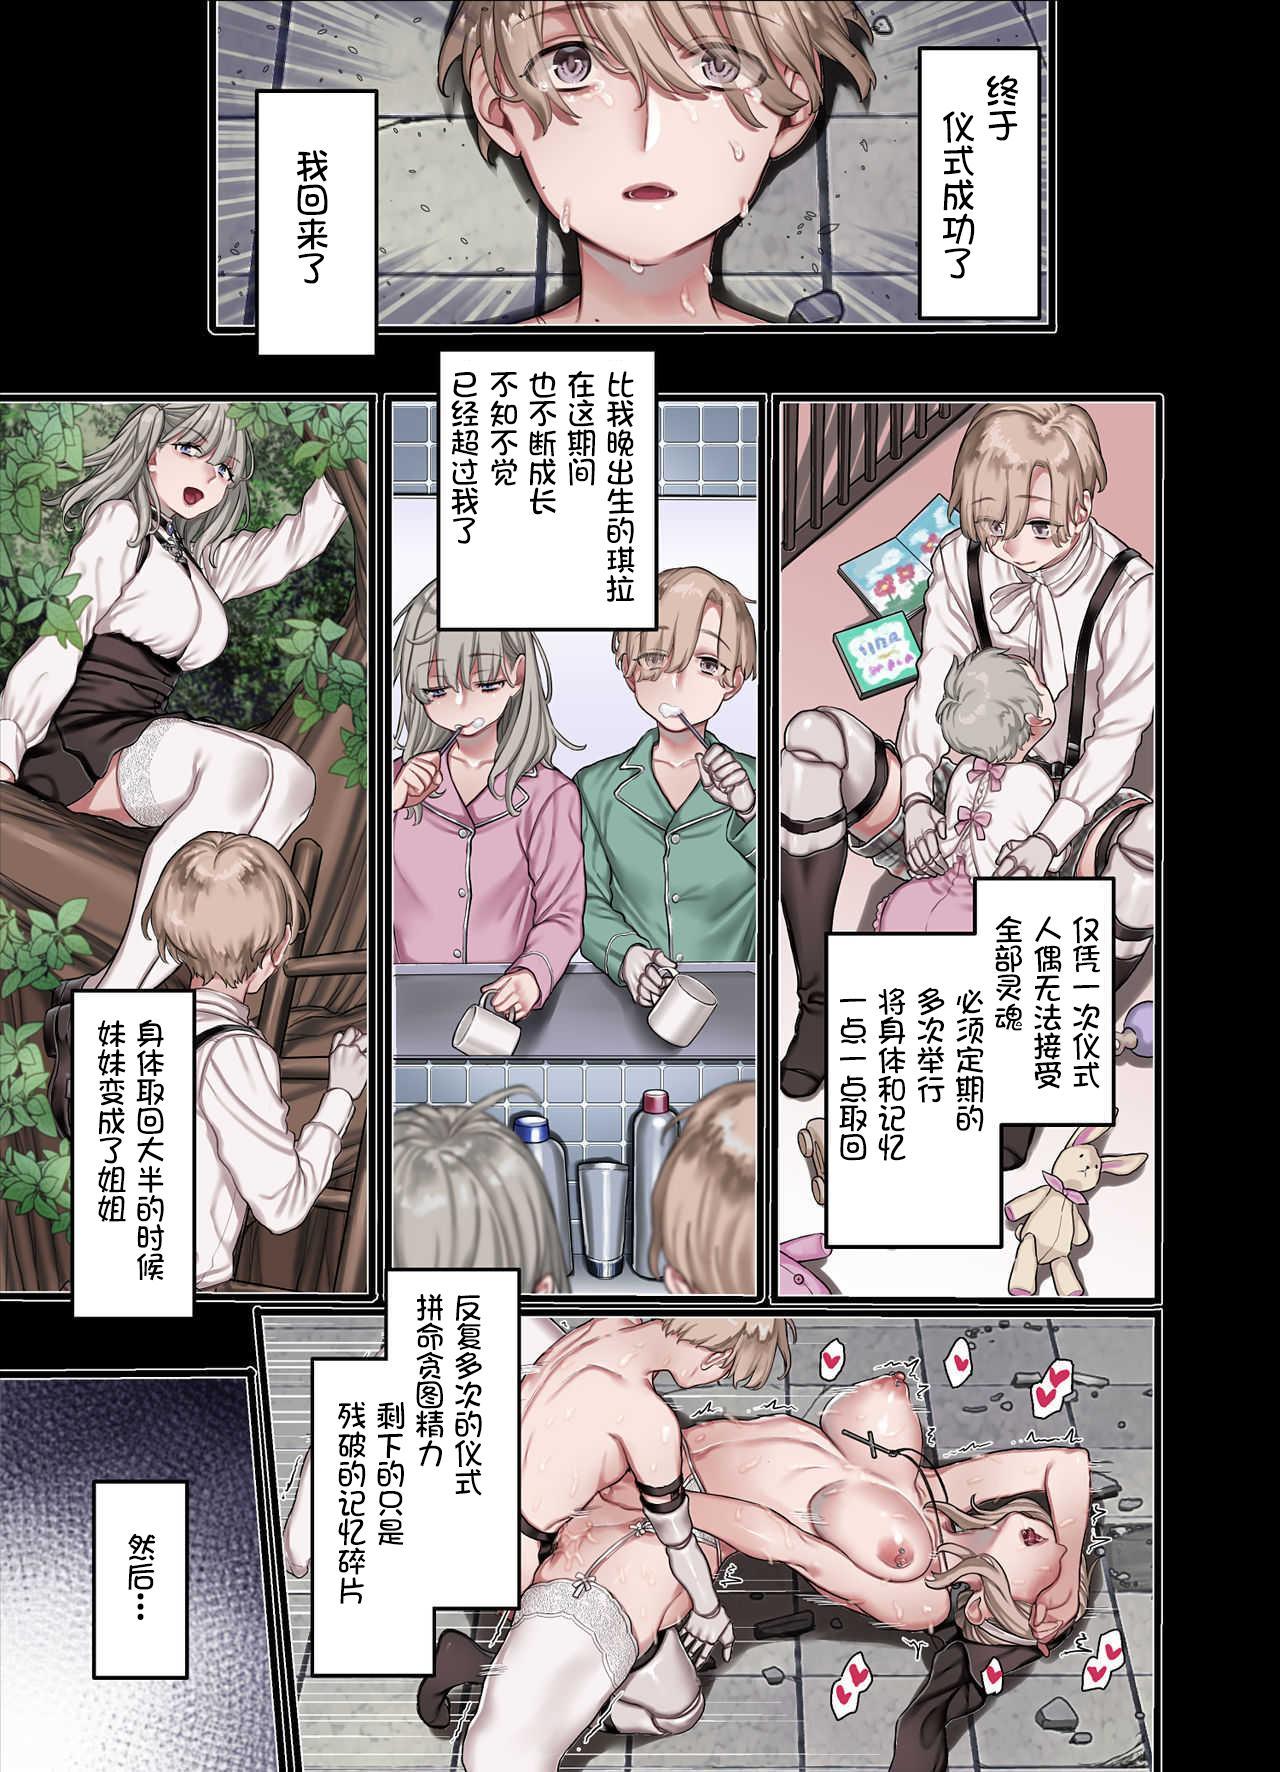 L Kyoukai to Itansha Ikka + 60